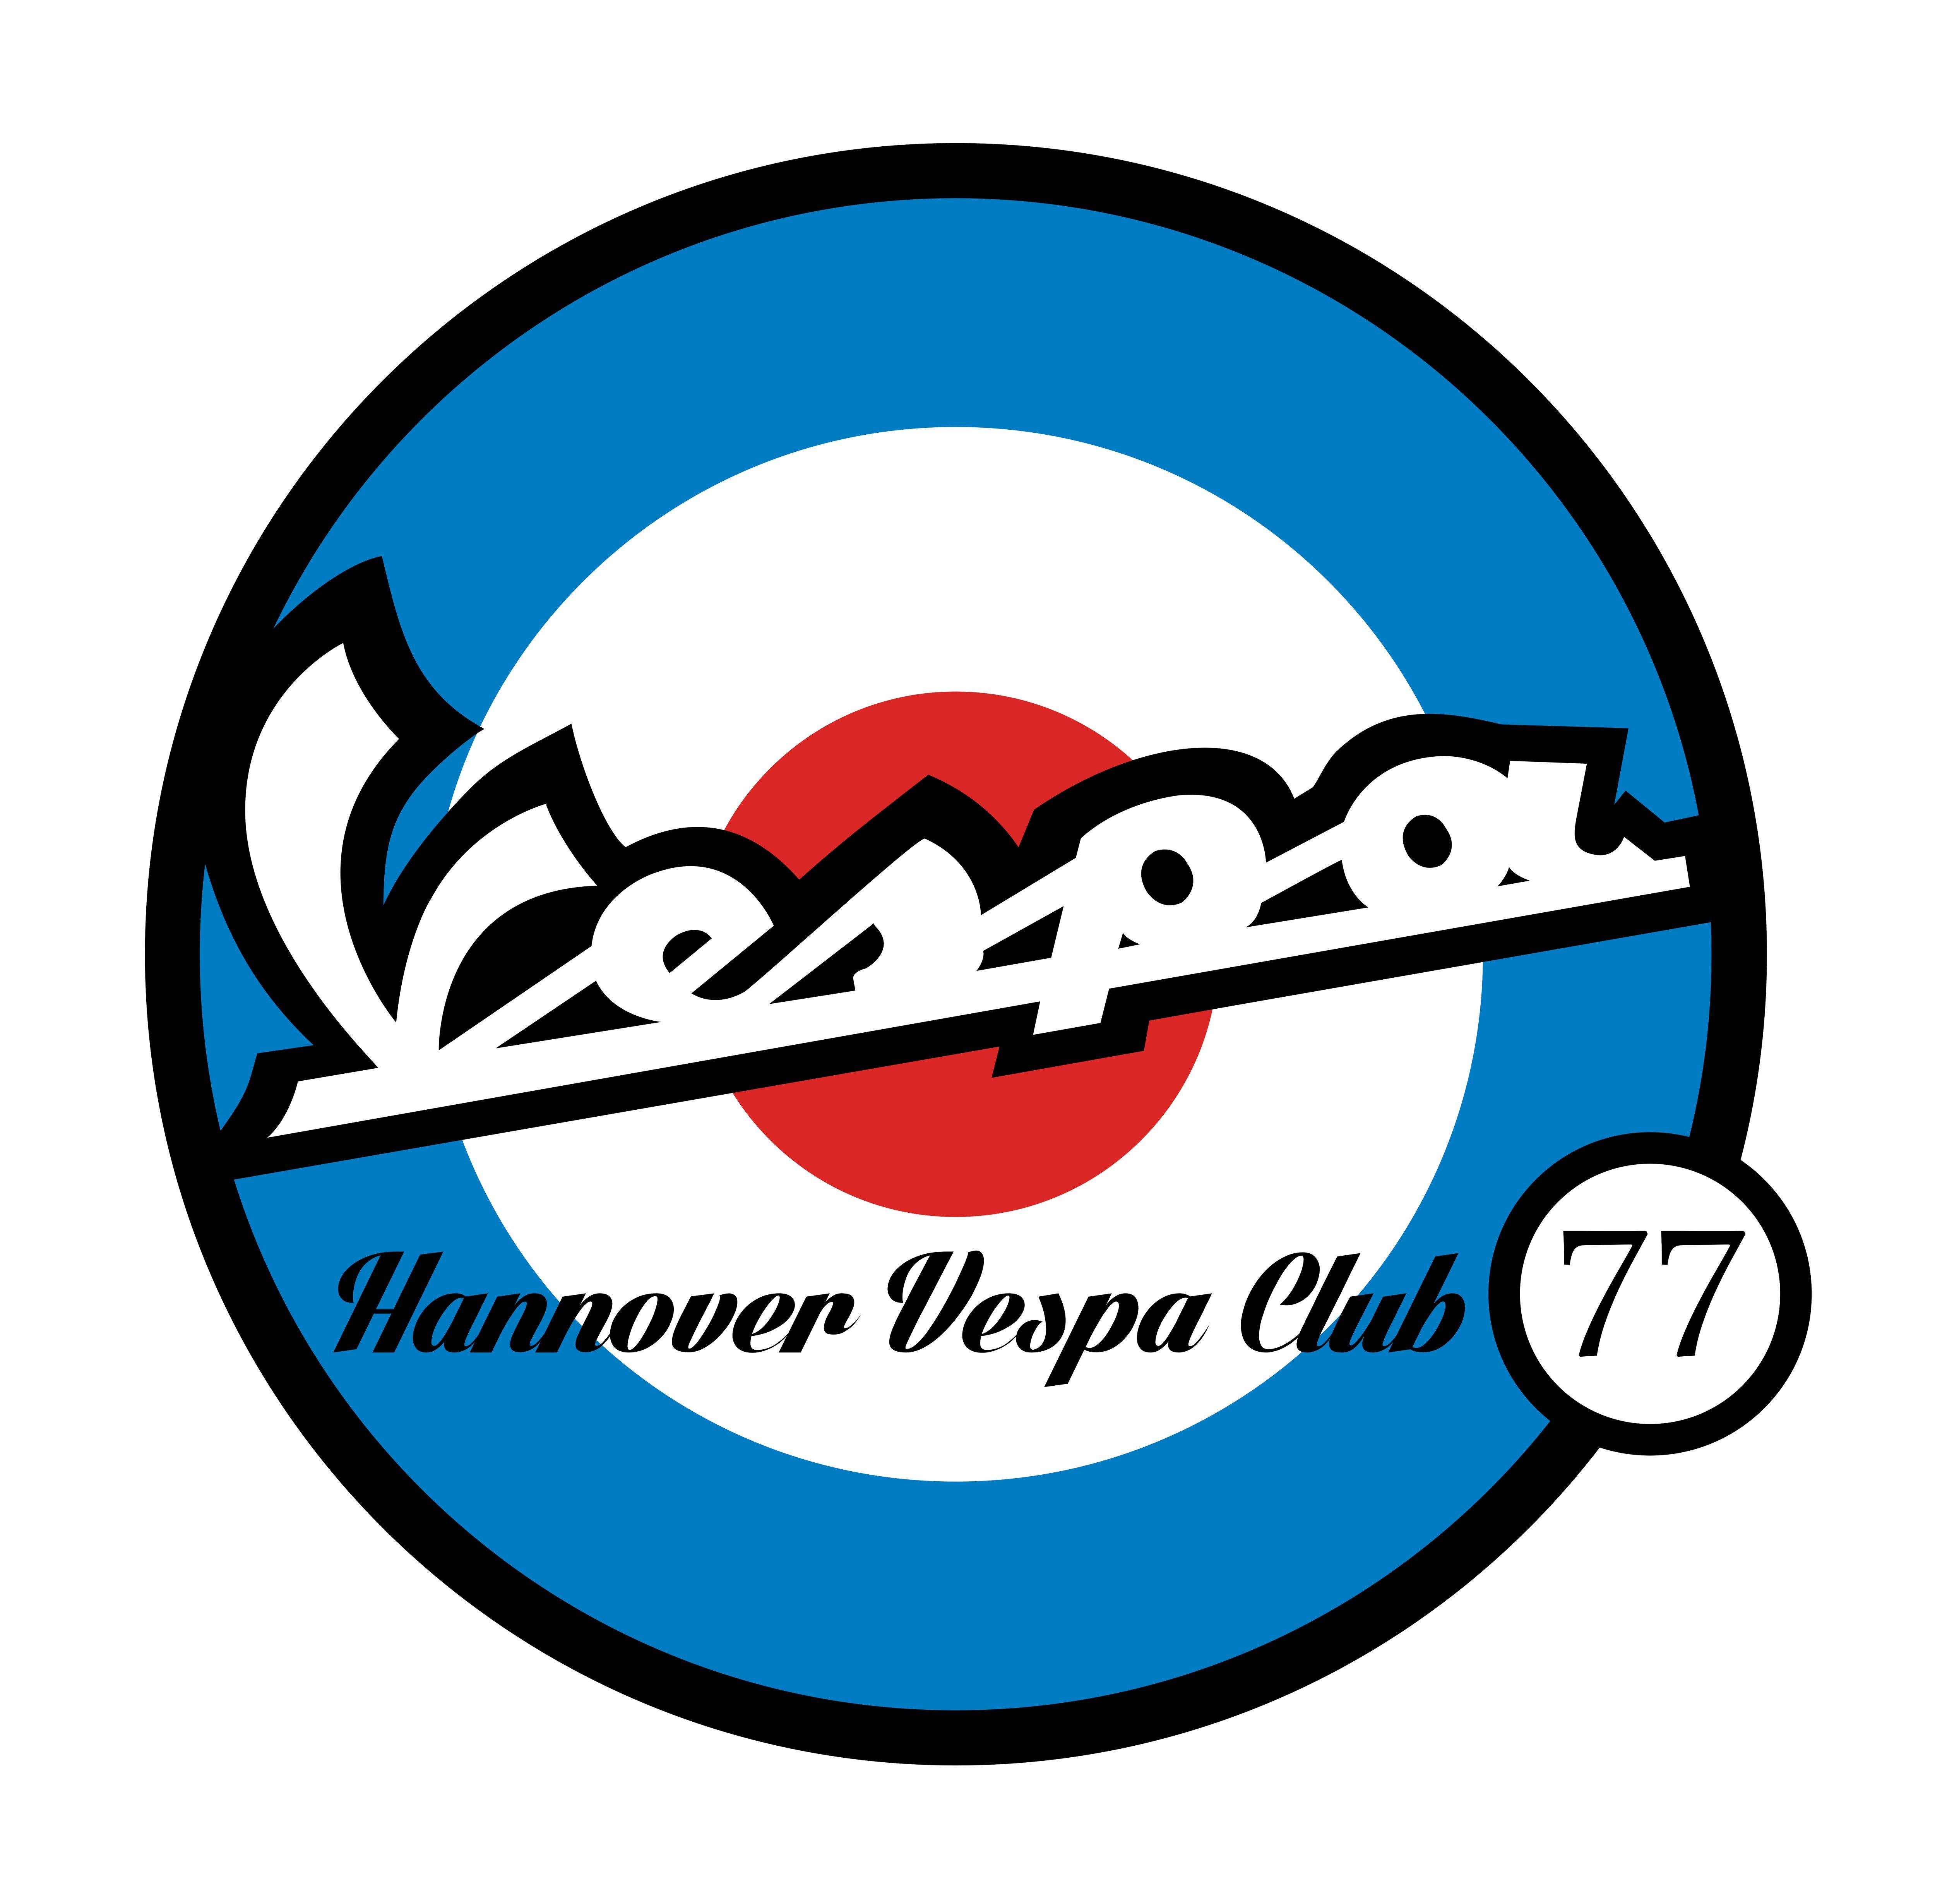 Hannover Vespa Club 77